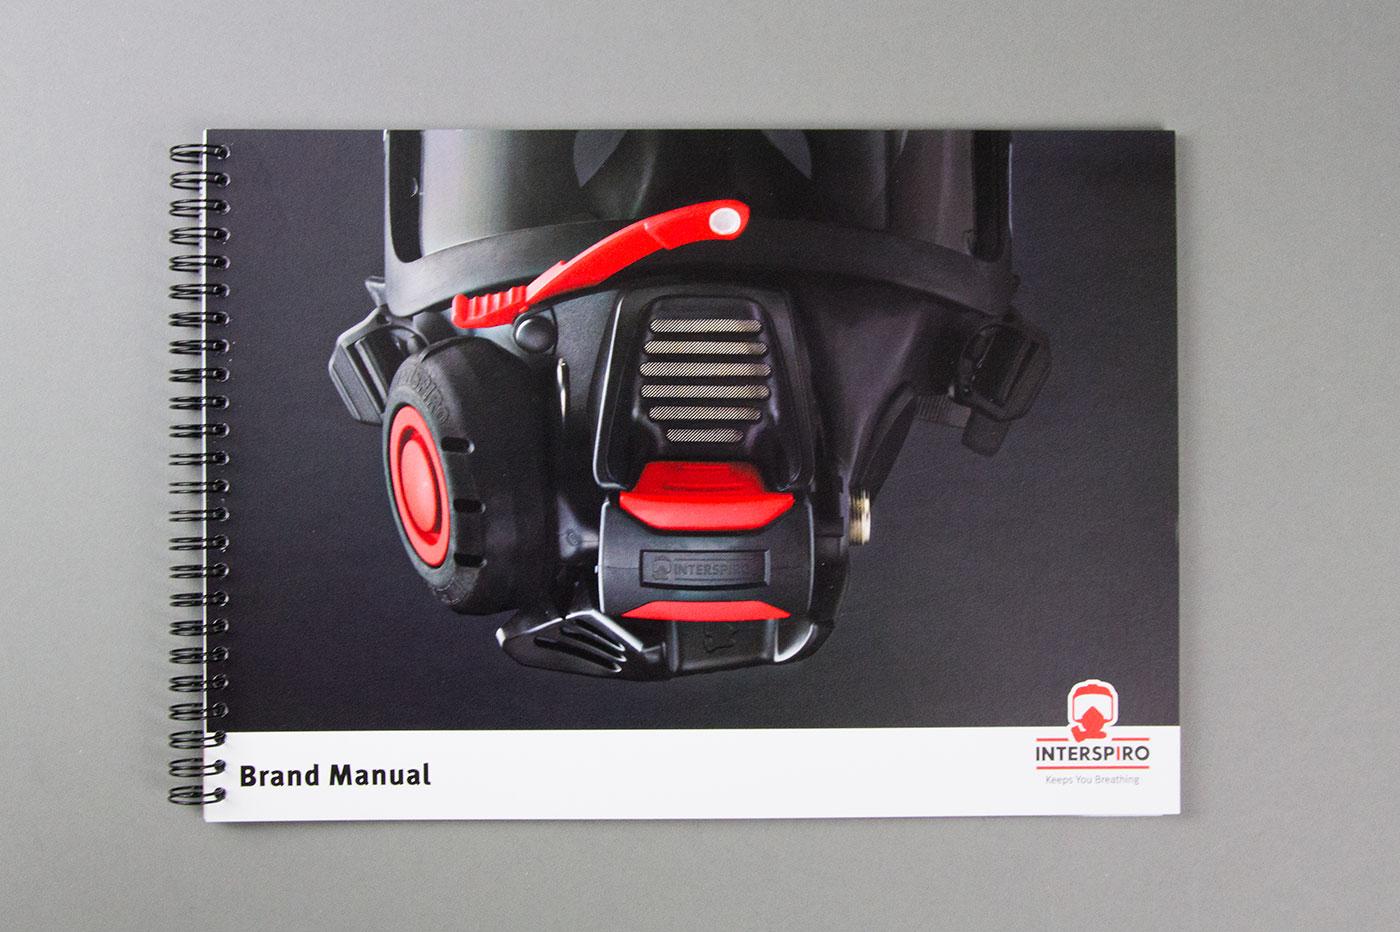 Interspiros nya varumärkesmanual innehåller allt från varumärkesplattform till regler för logotypen, grafiska element, typografi, tonalitet och produktmärkning